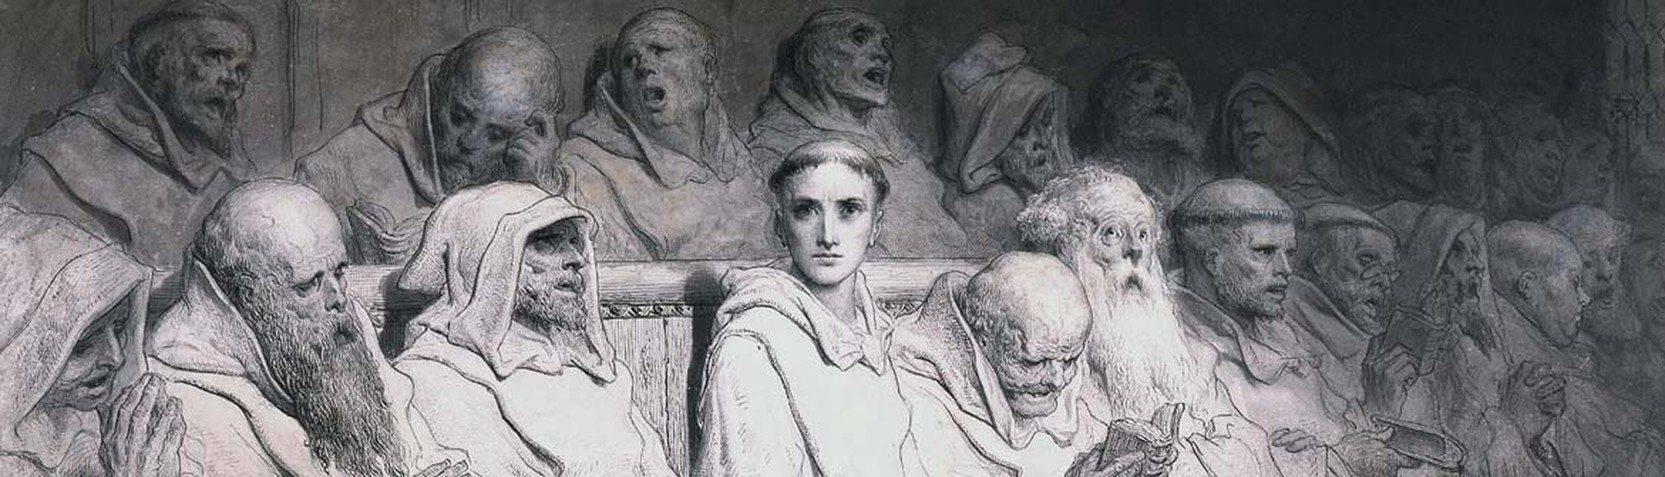 Künstler - Gustave Doré